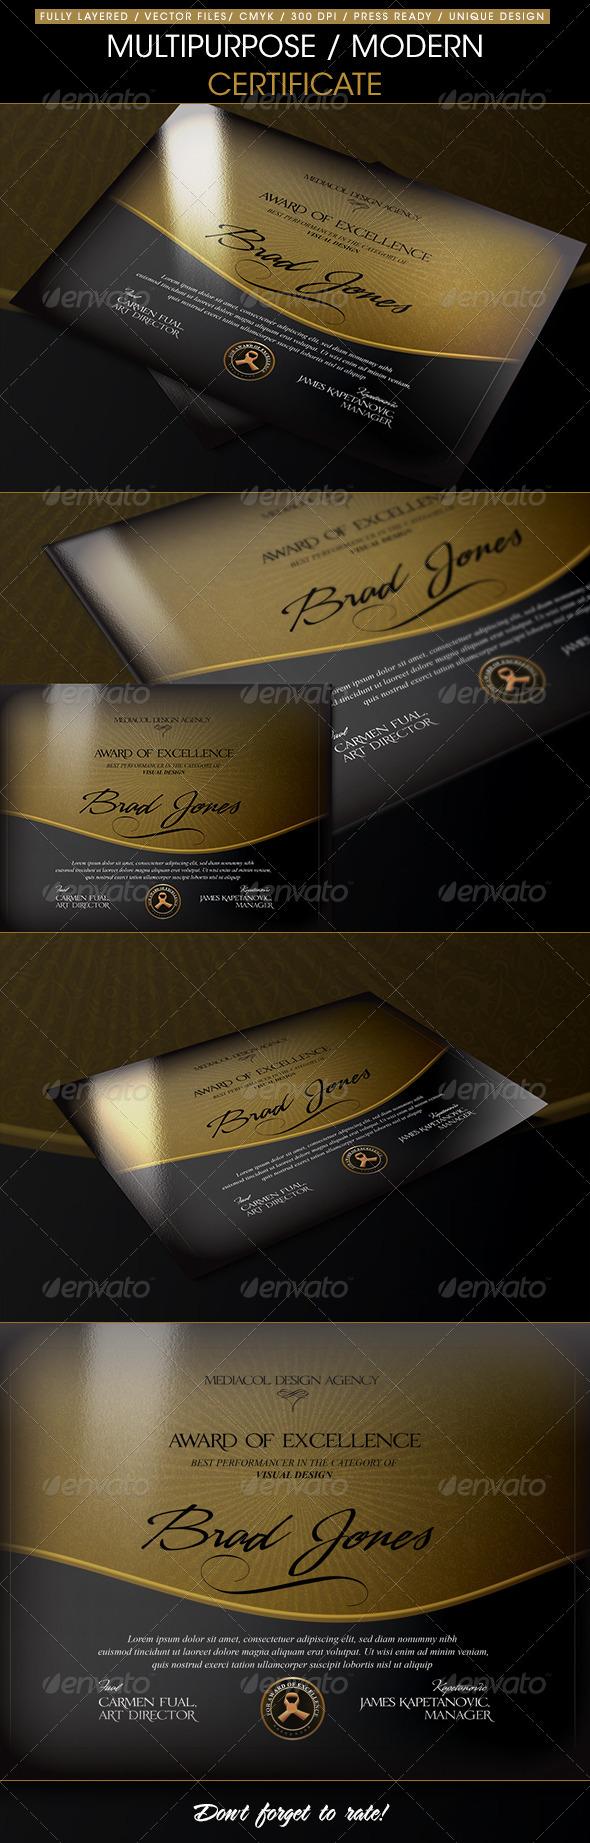 GraphicRiver Multipurpose Modern Certificate 6712359